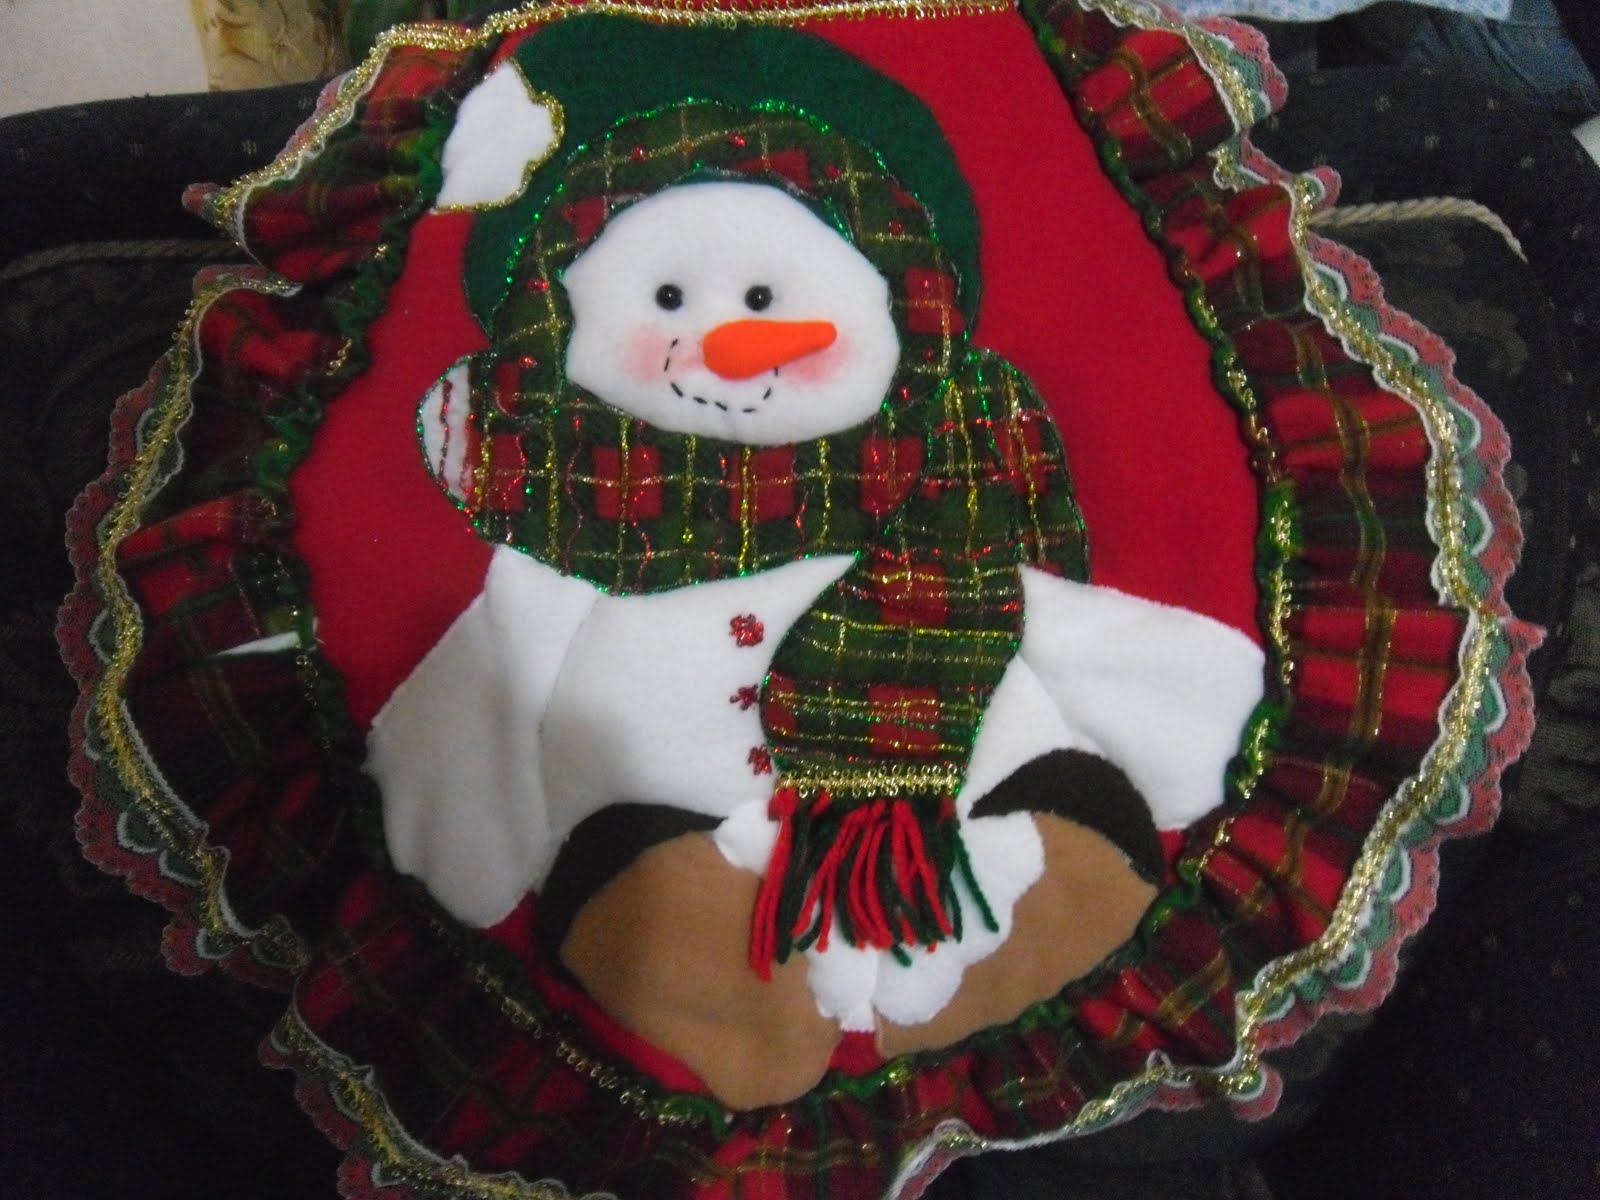 Juegos De Baño Muneco De Nieve:Creaciones Martha Lucia: Juego de baño navideño